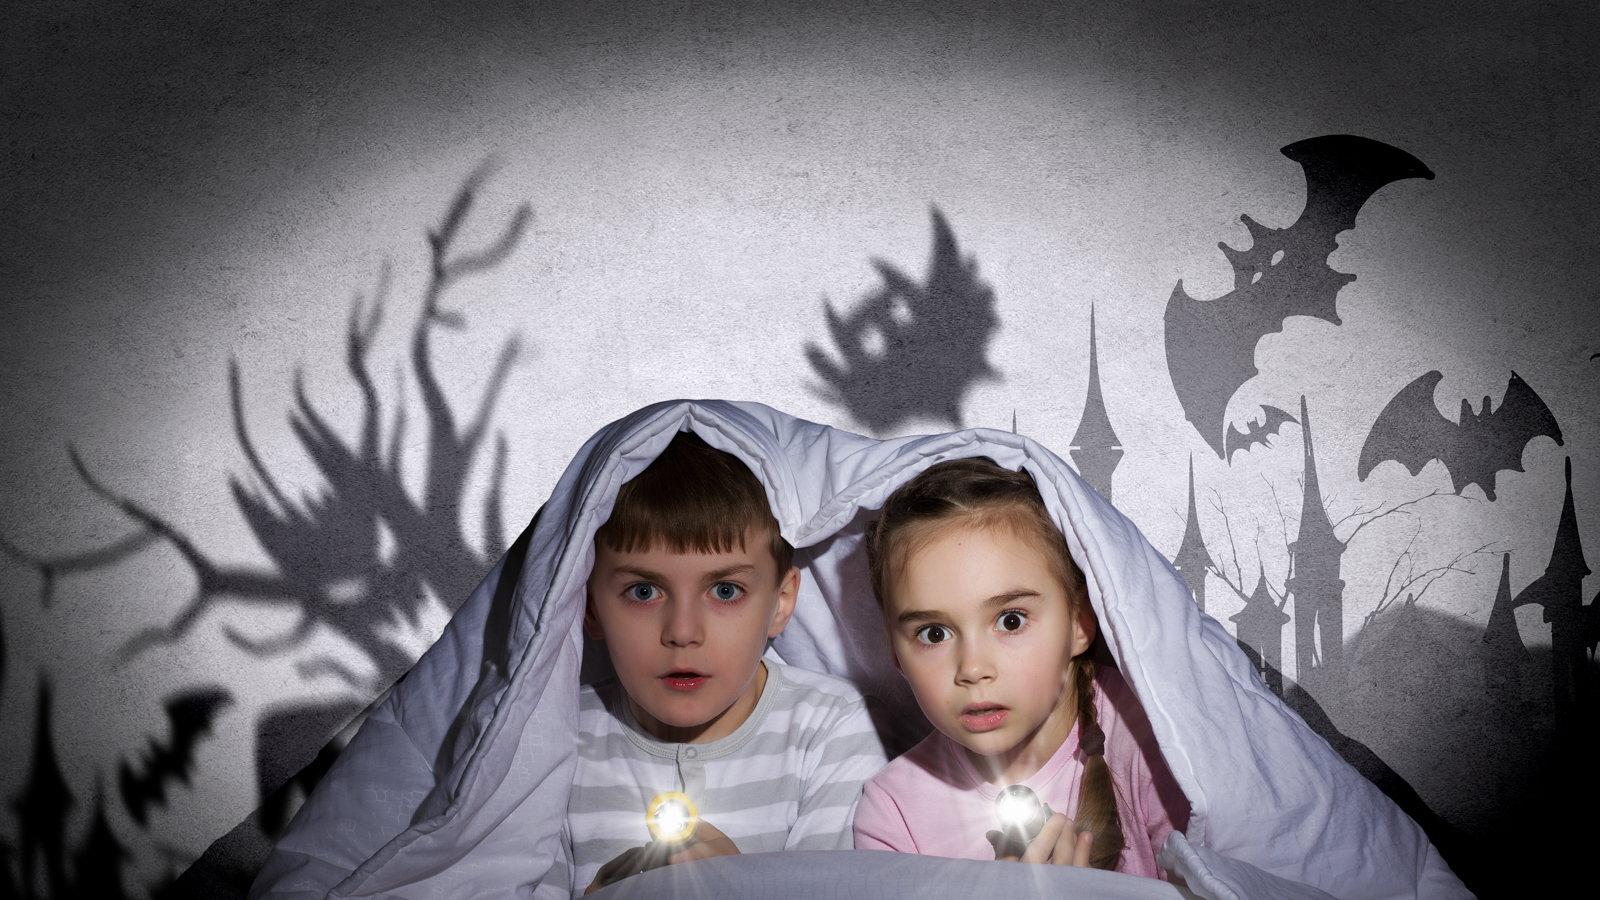 children scared underneath blanket in bed